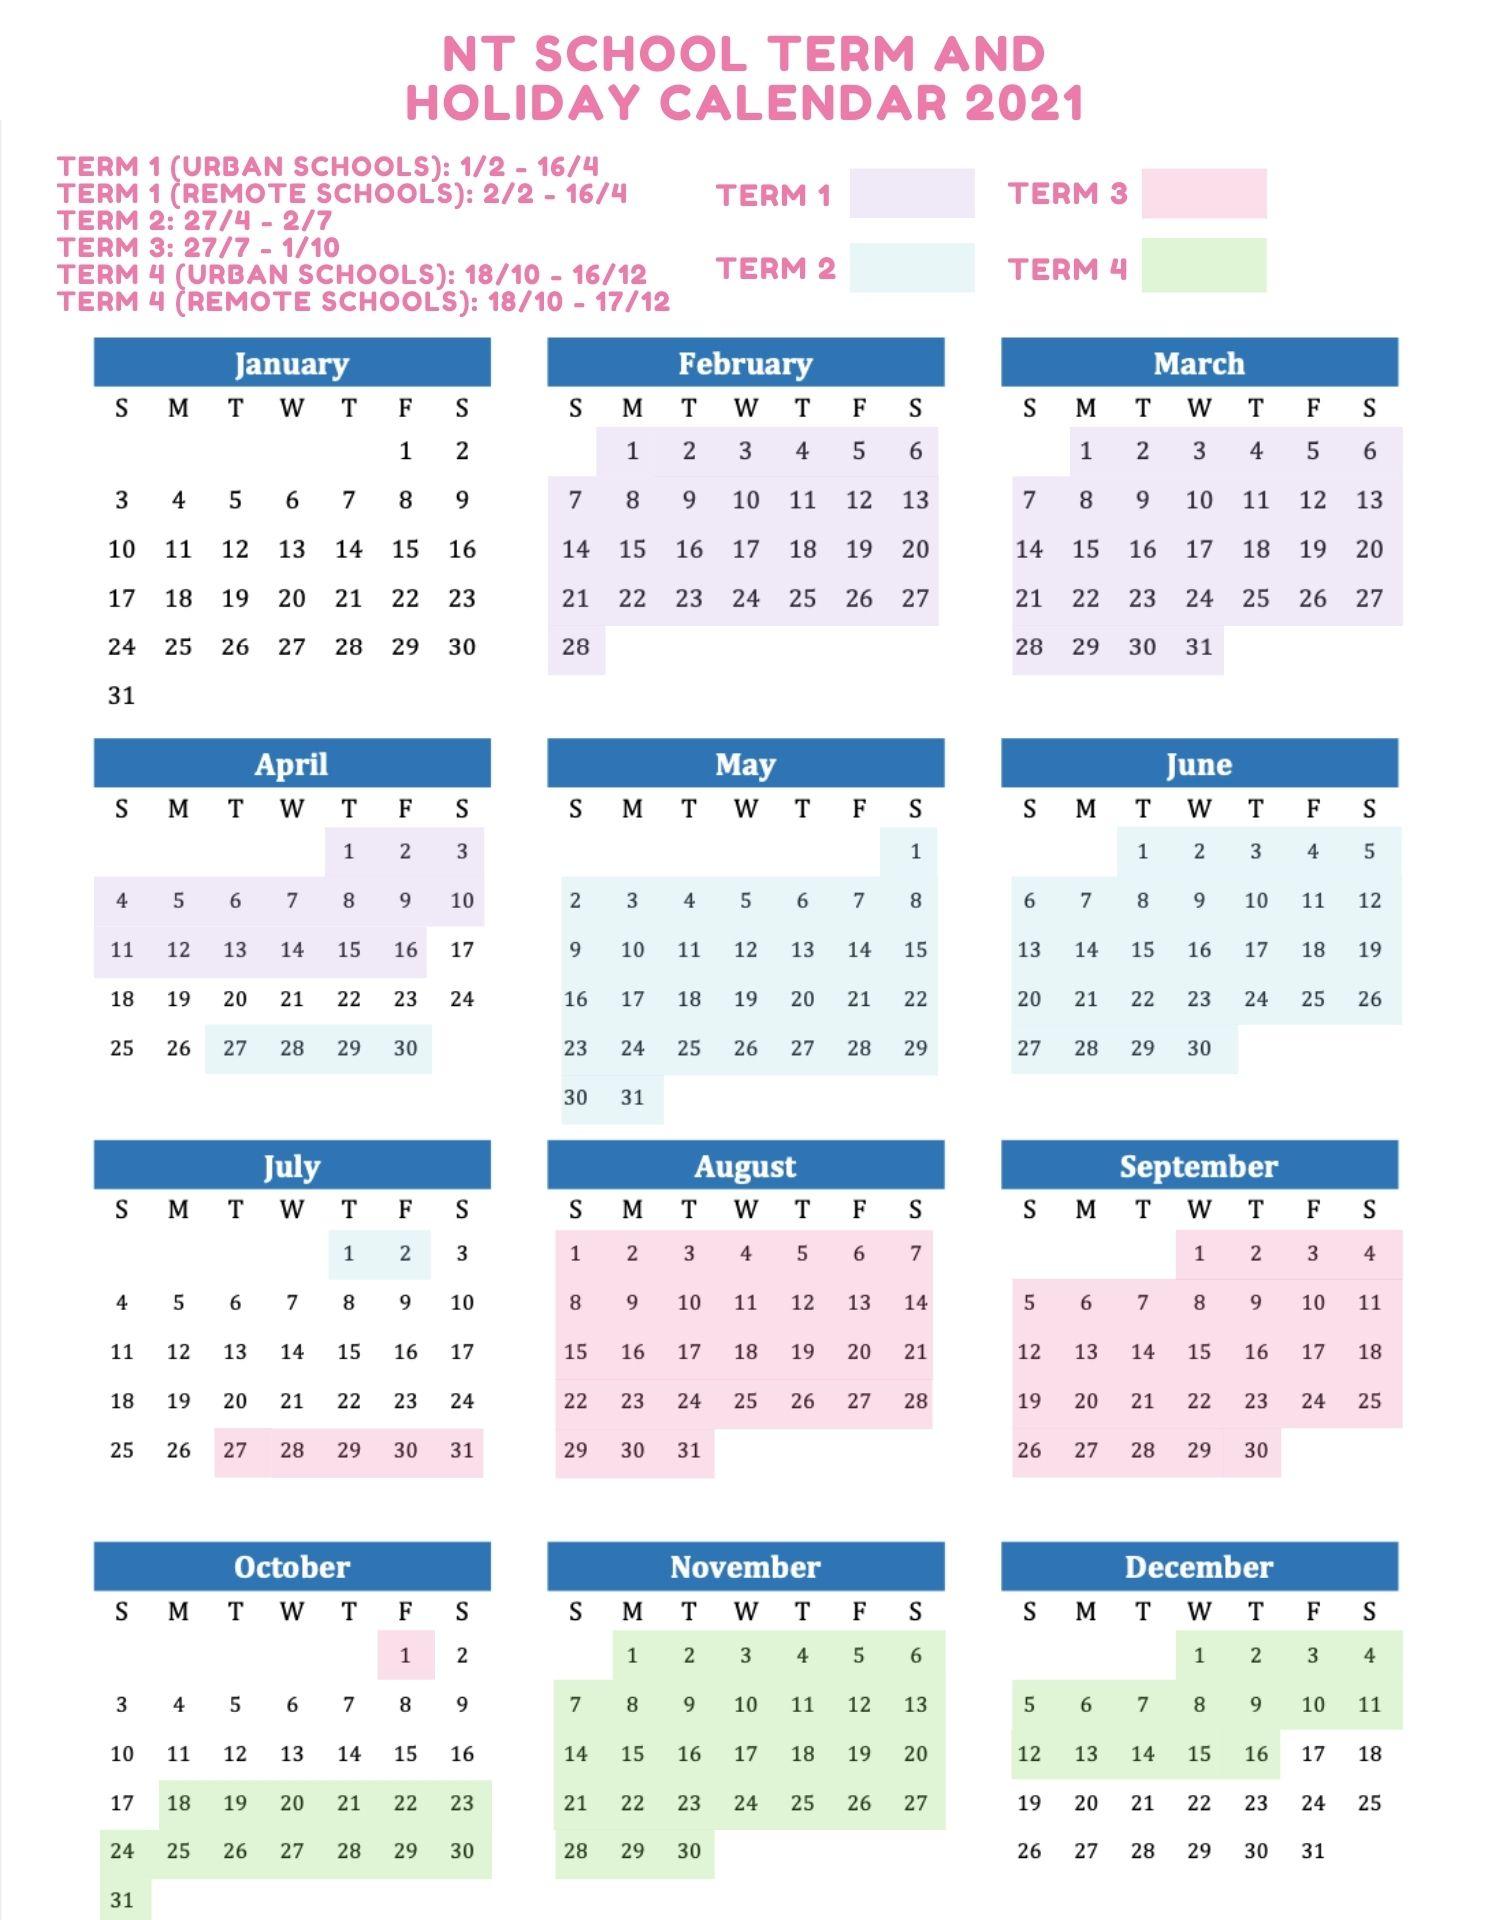 NT School Holidays 2021